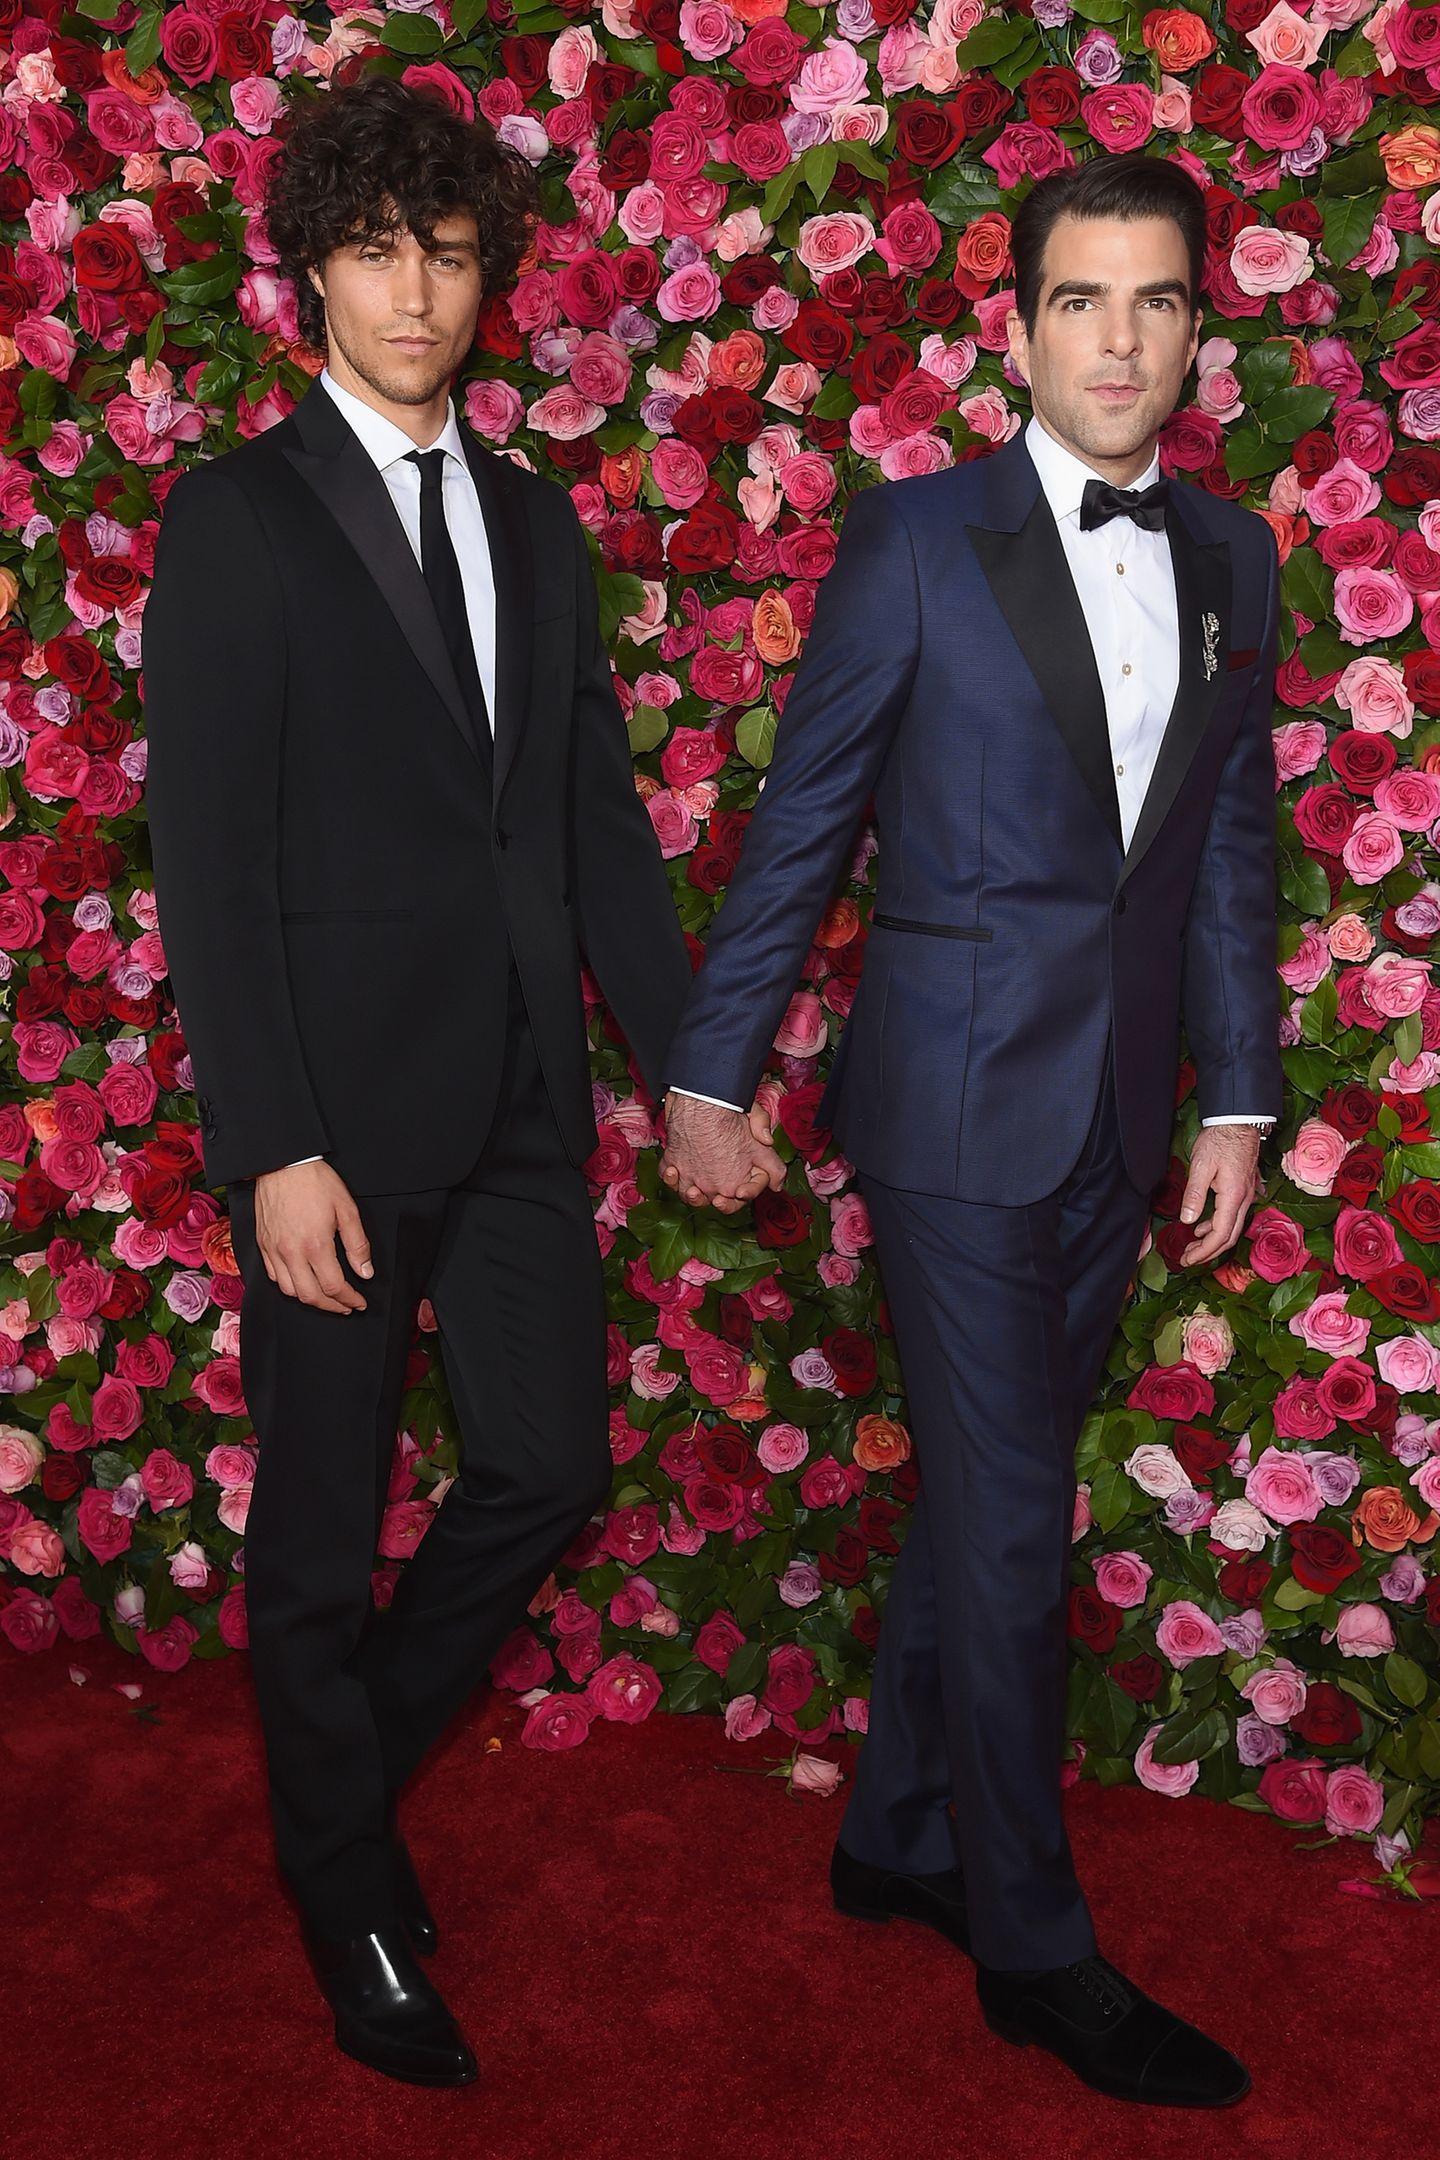 """Heißer Schauspieler liebt ebenso heißesTopmodel: Dieses Prinzip funktioniert selbstverständlich auch im großen Pool der homosexuellen Stars, ein gutes Beispiel sind da""""Star-Trek""""-Star Zachary Quinto (r.) und Male Topmodel Miles McMillan."""